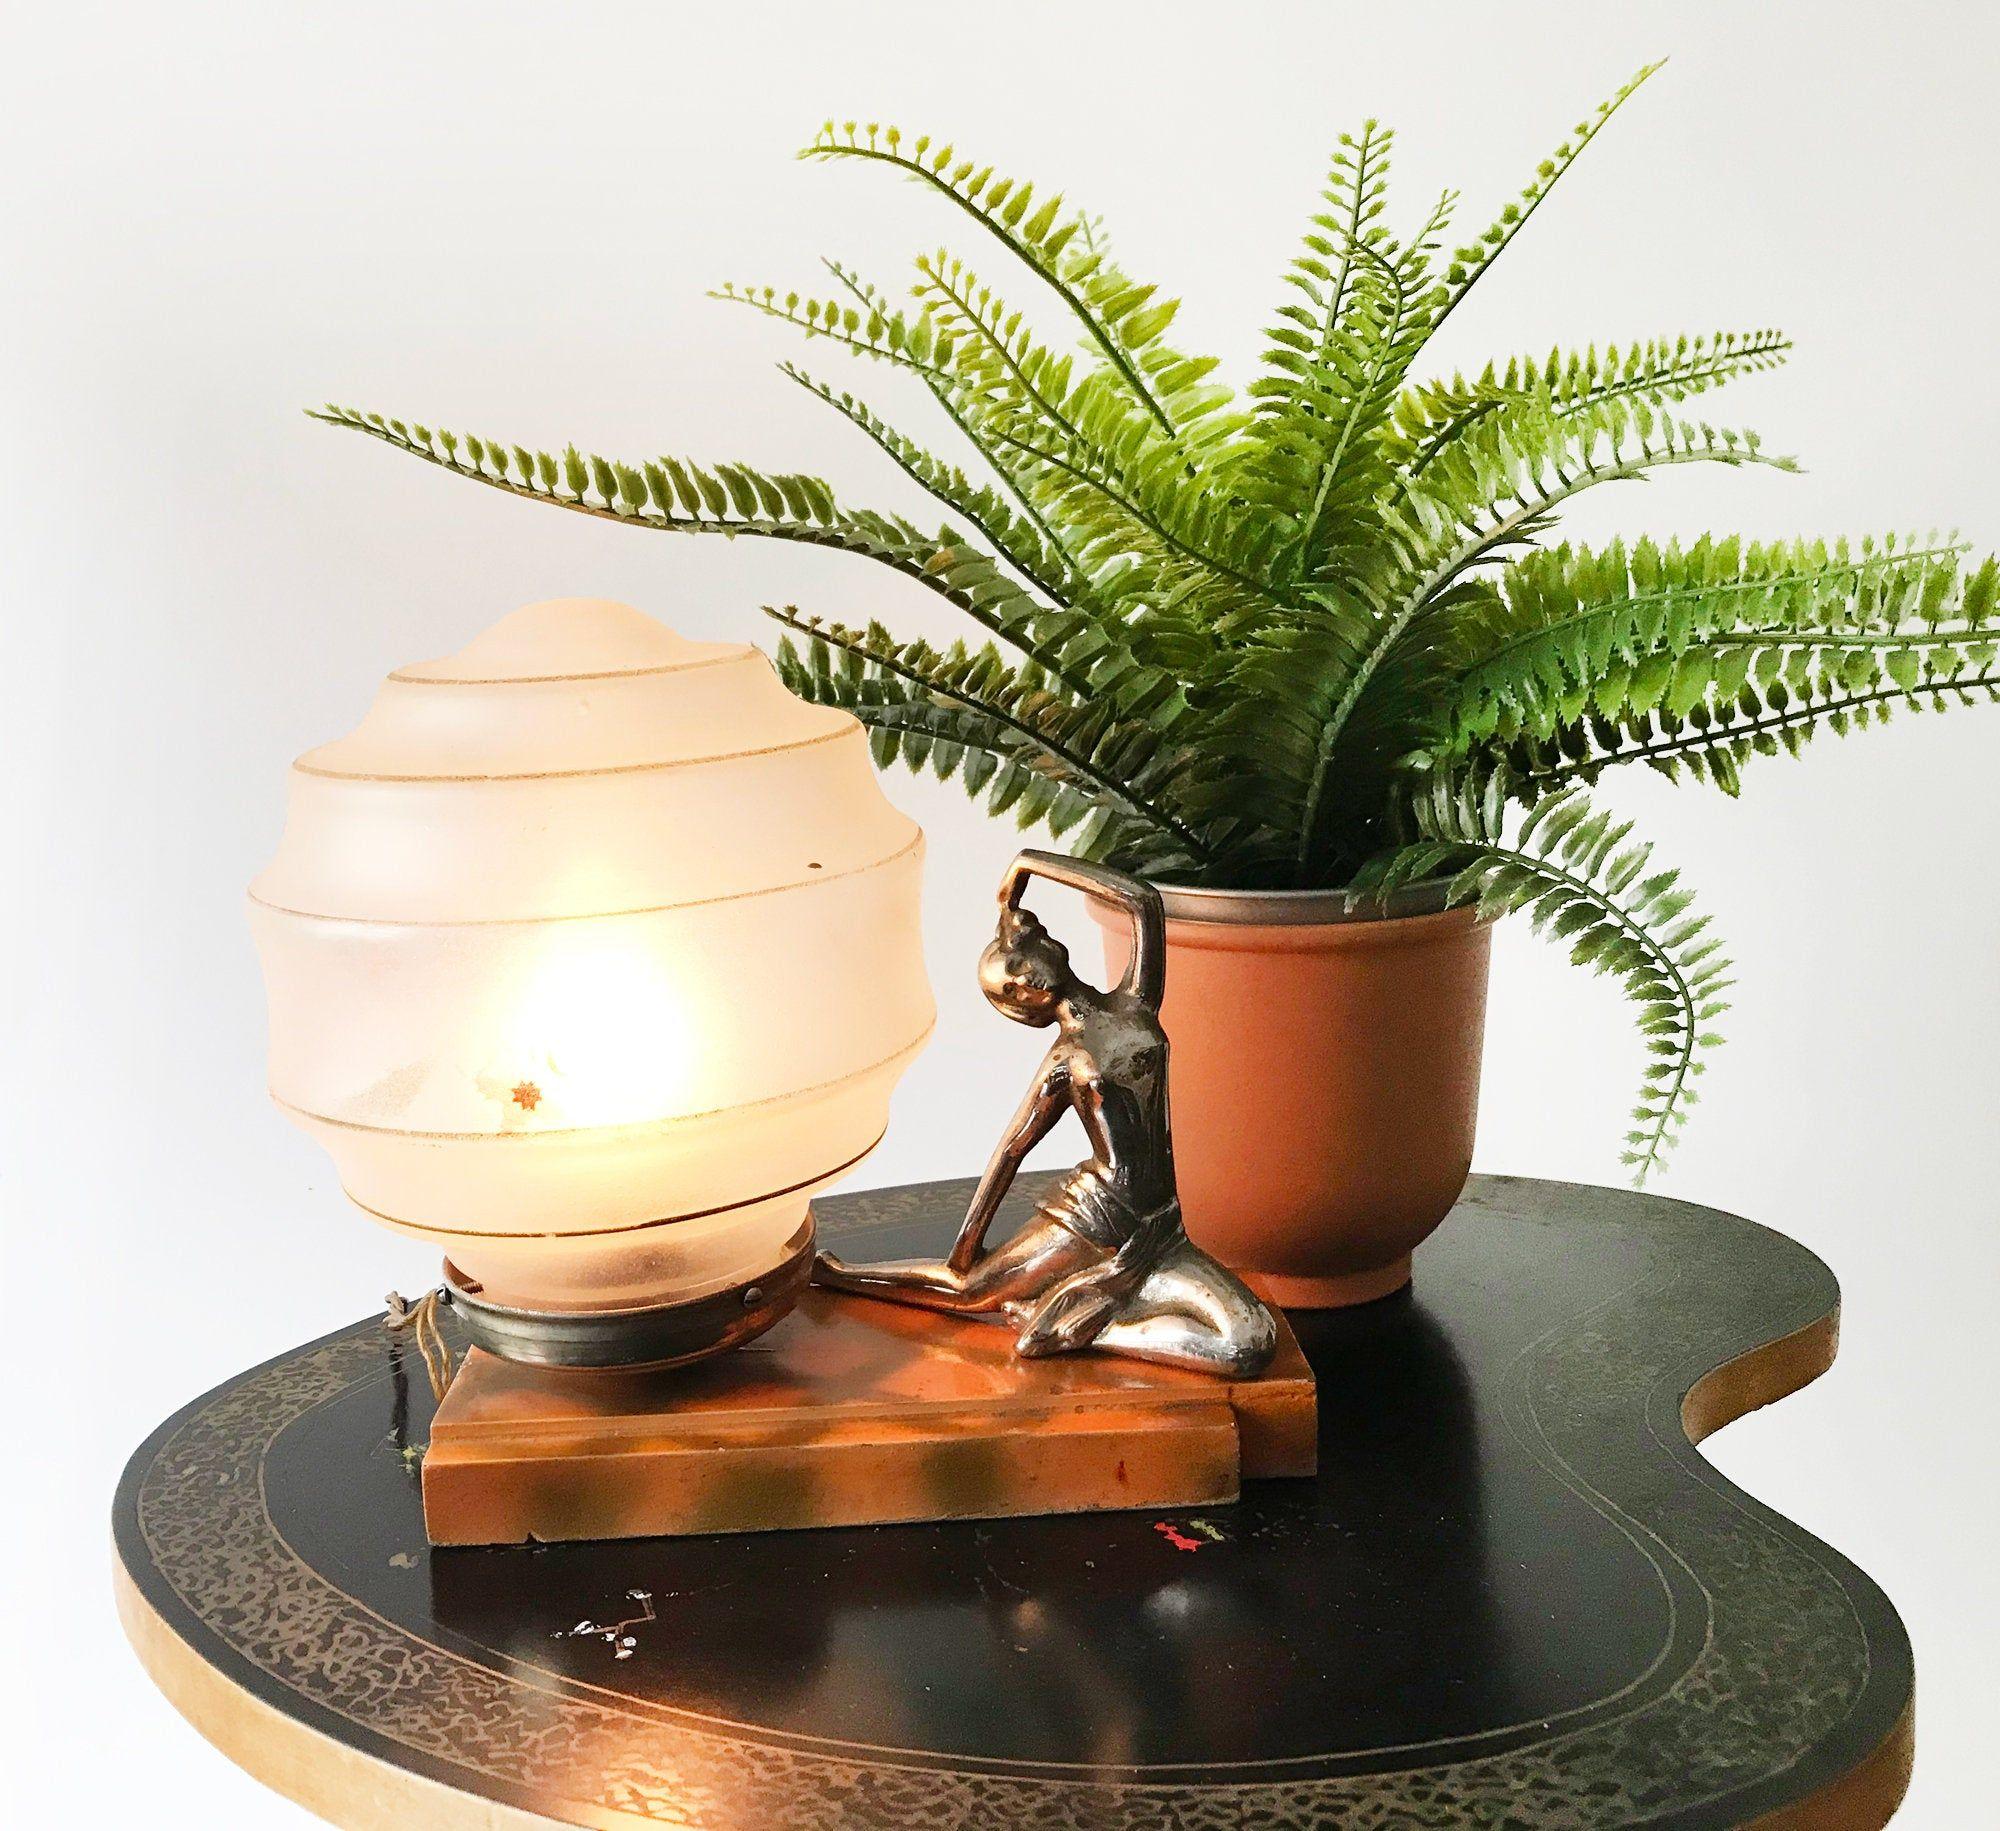 Art deco bedside table lamp lady figurine sculpture